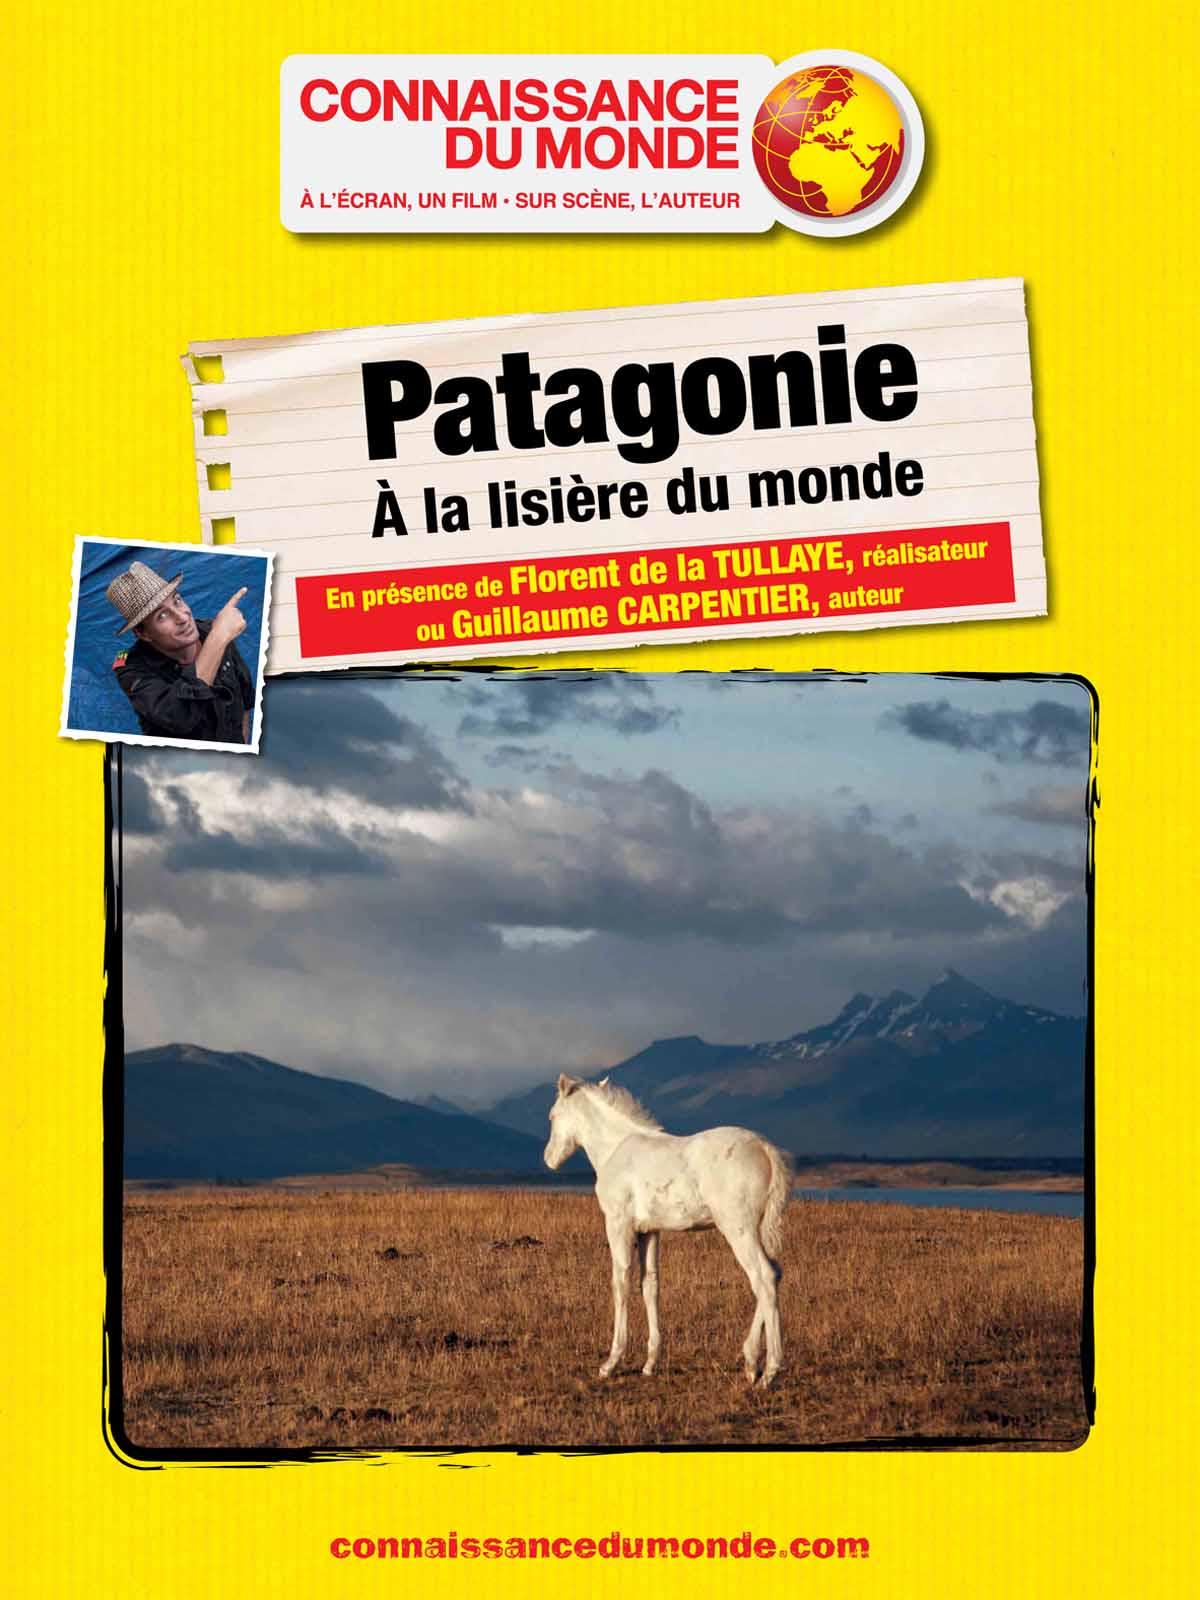 PATAGONIE, A la lisière du monde